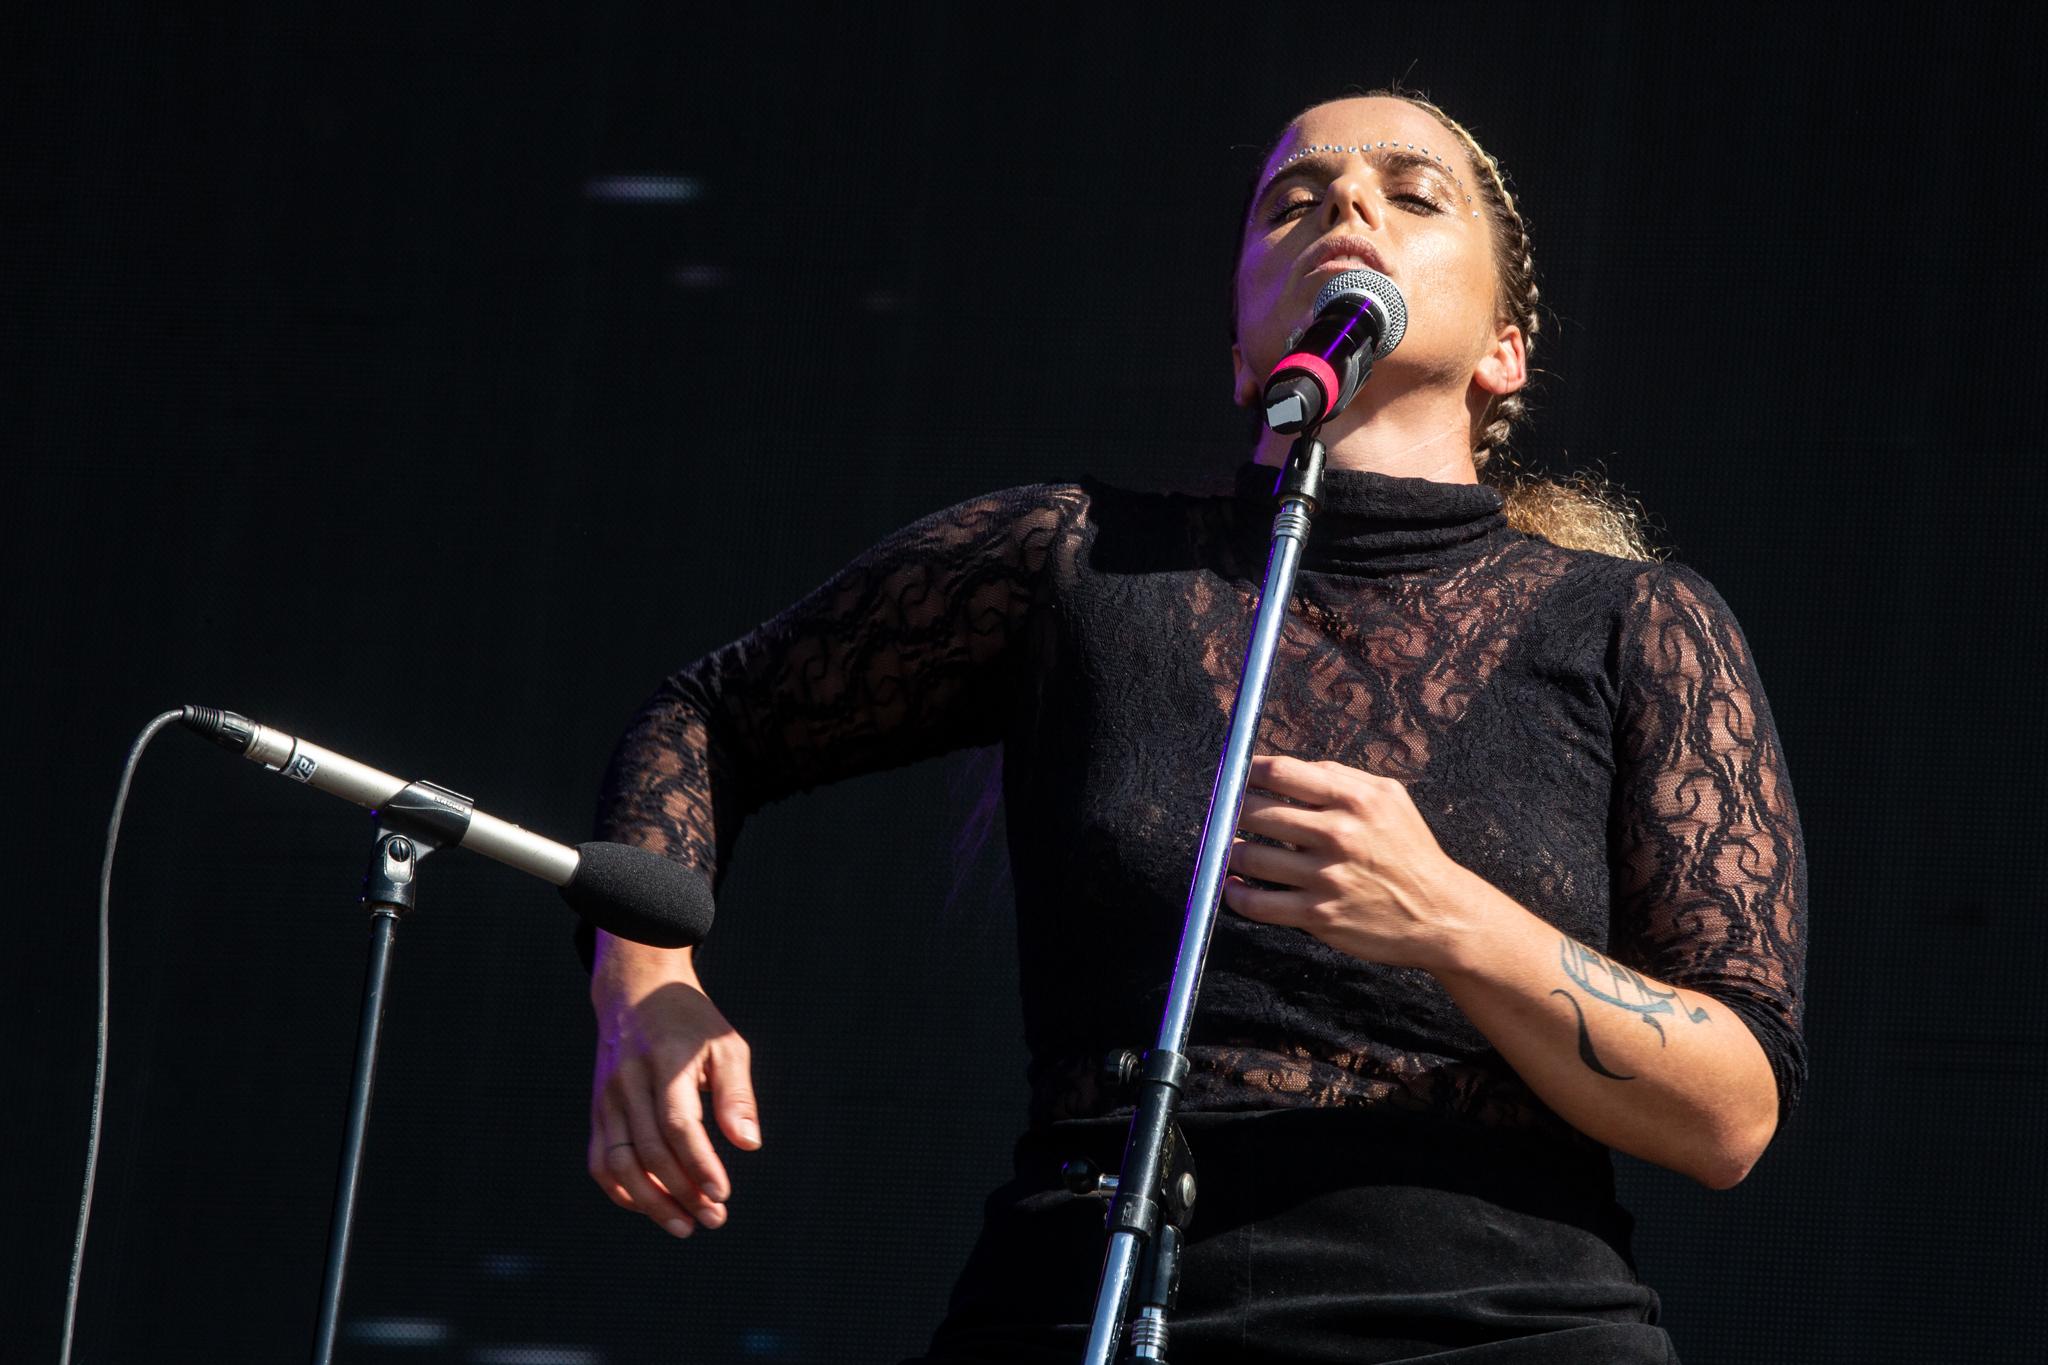 Las jóvenes músicas hicieron bailar a su público (Foto: Lollapalooza)